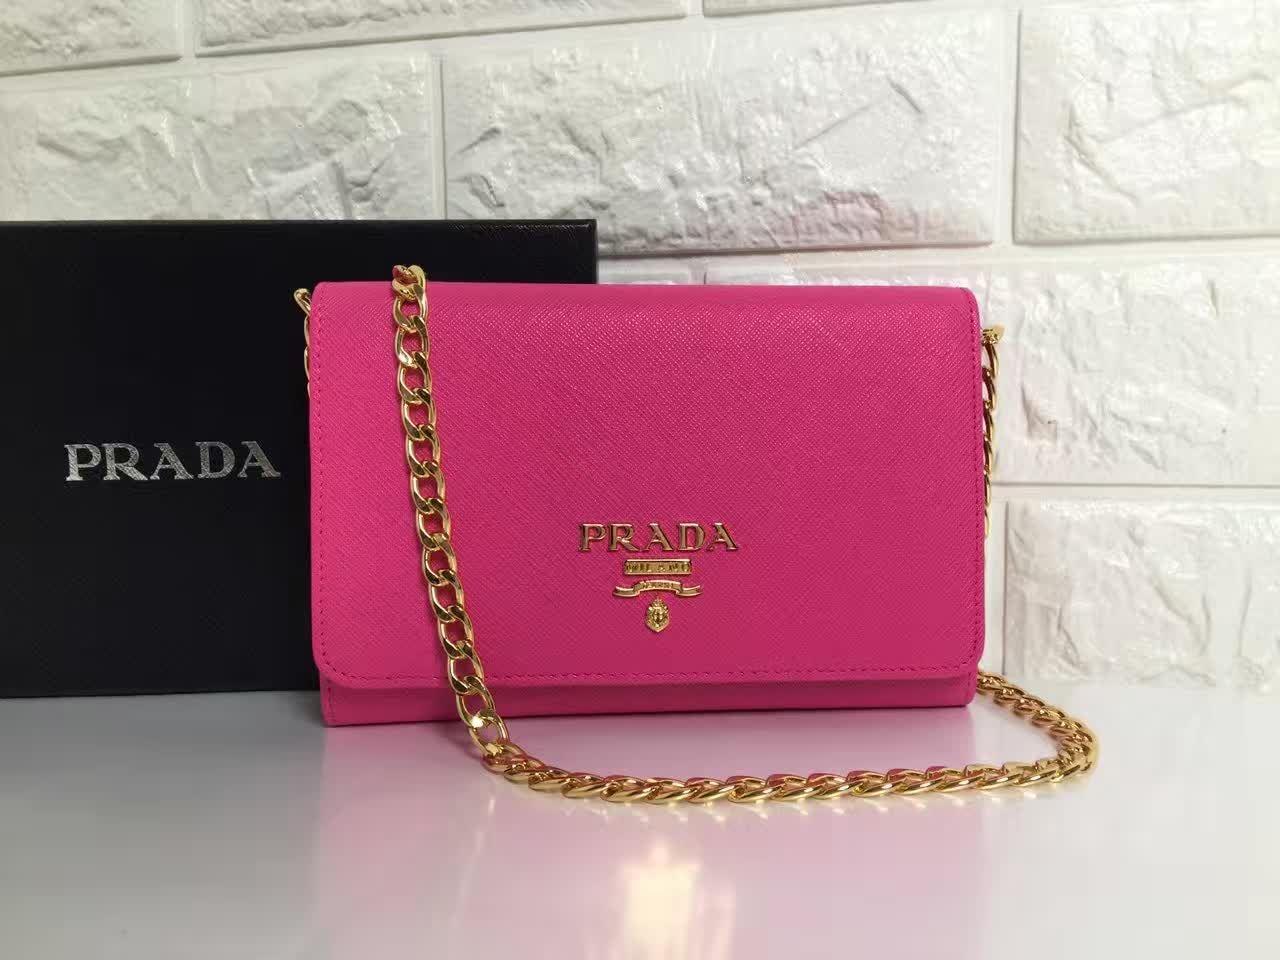 prada Wallet, ID : 62670(FORSALE:a@yybags.com), prada accessories handbags, pink prada handbag, prada house, prada branded handbags for womens, prada designer leather handbags, prada coin purse, prada where to buy a briefcase, prada 2016 handbag collection, prada jansport rolling backpack, prada designer bags online, prada name brand bags #pradaWallet #prada #prada #sale #online